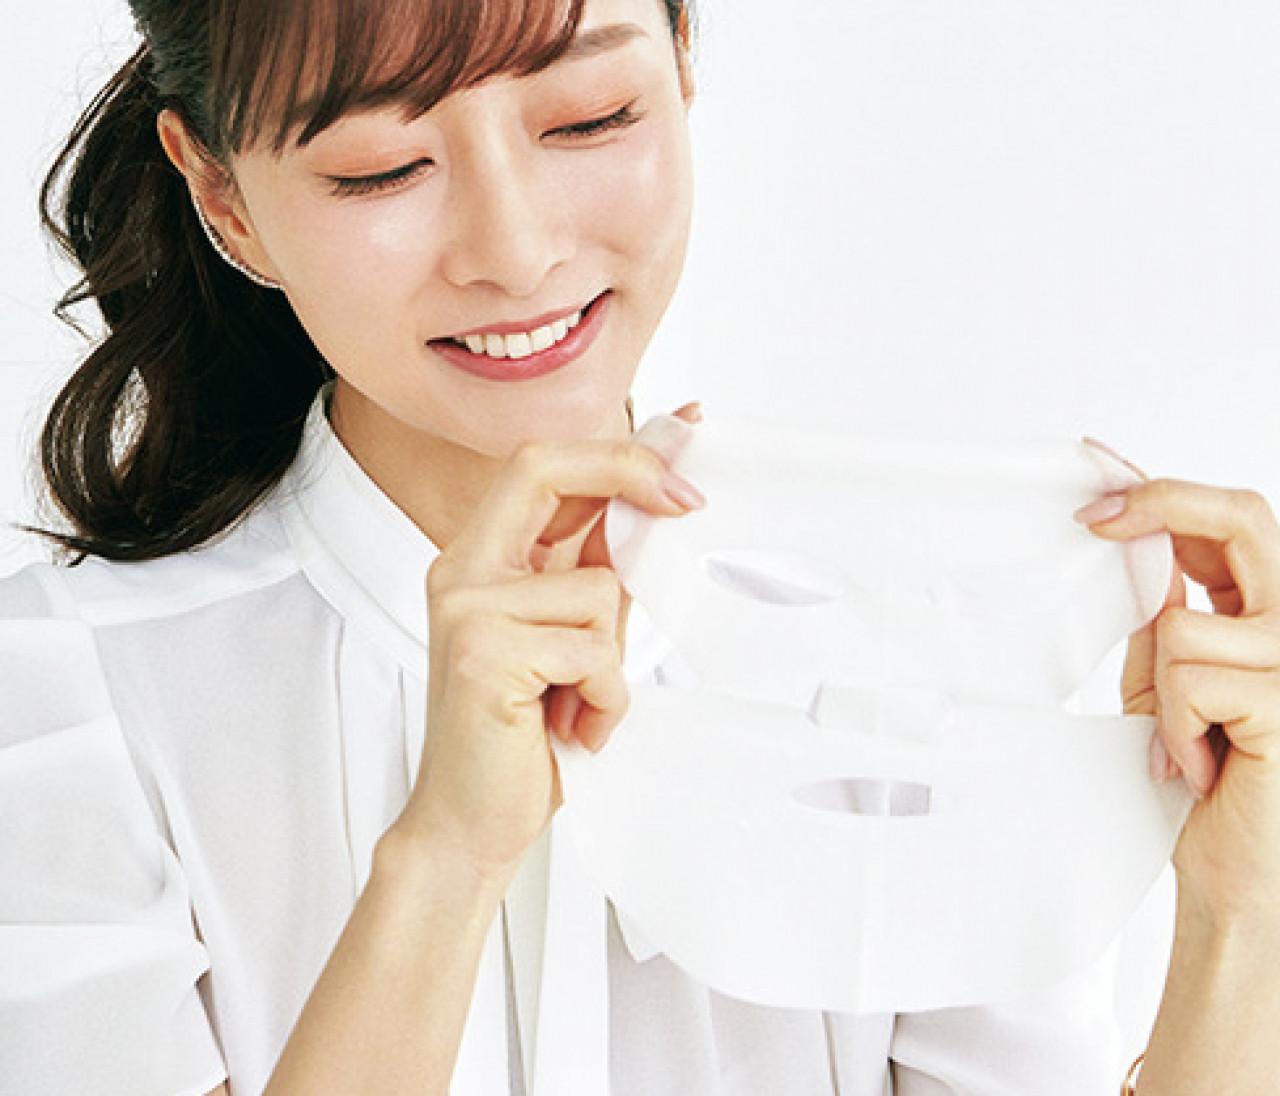 美容家・石井美保さんがレクチャー、今こそマスクで透明感を